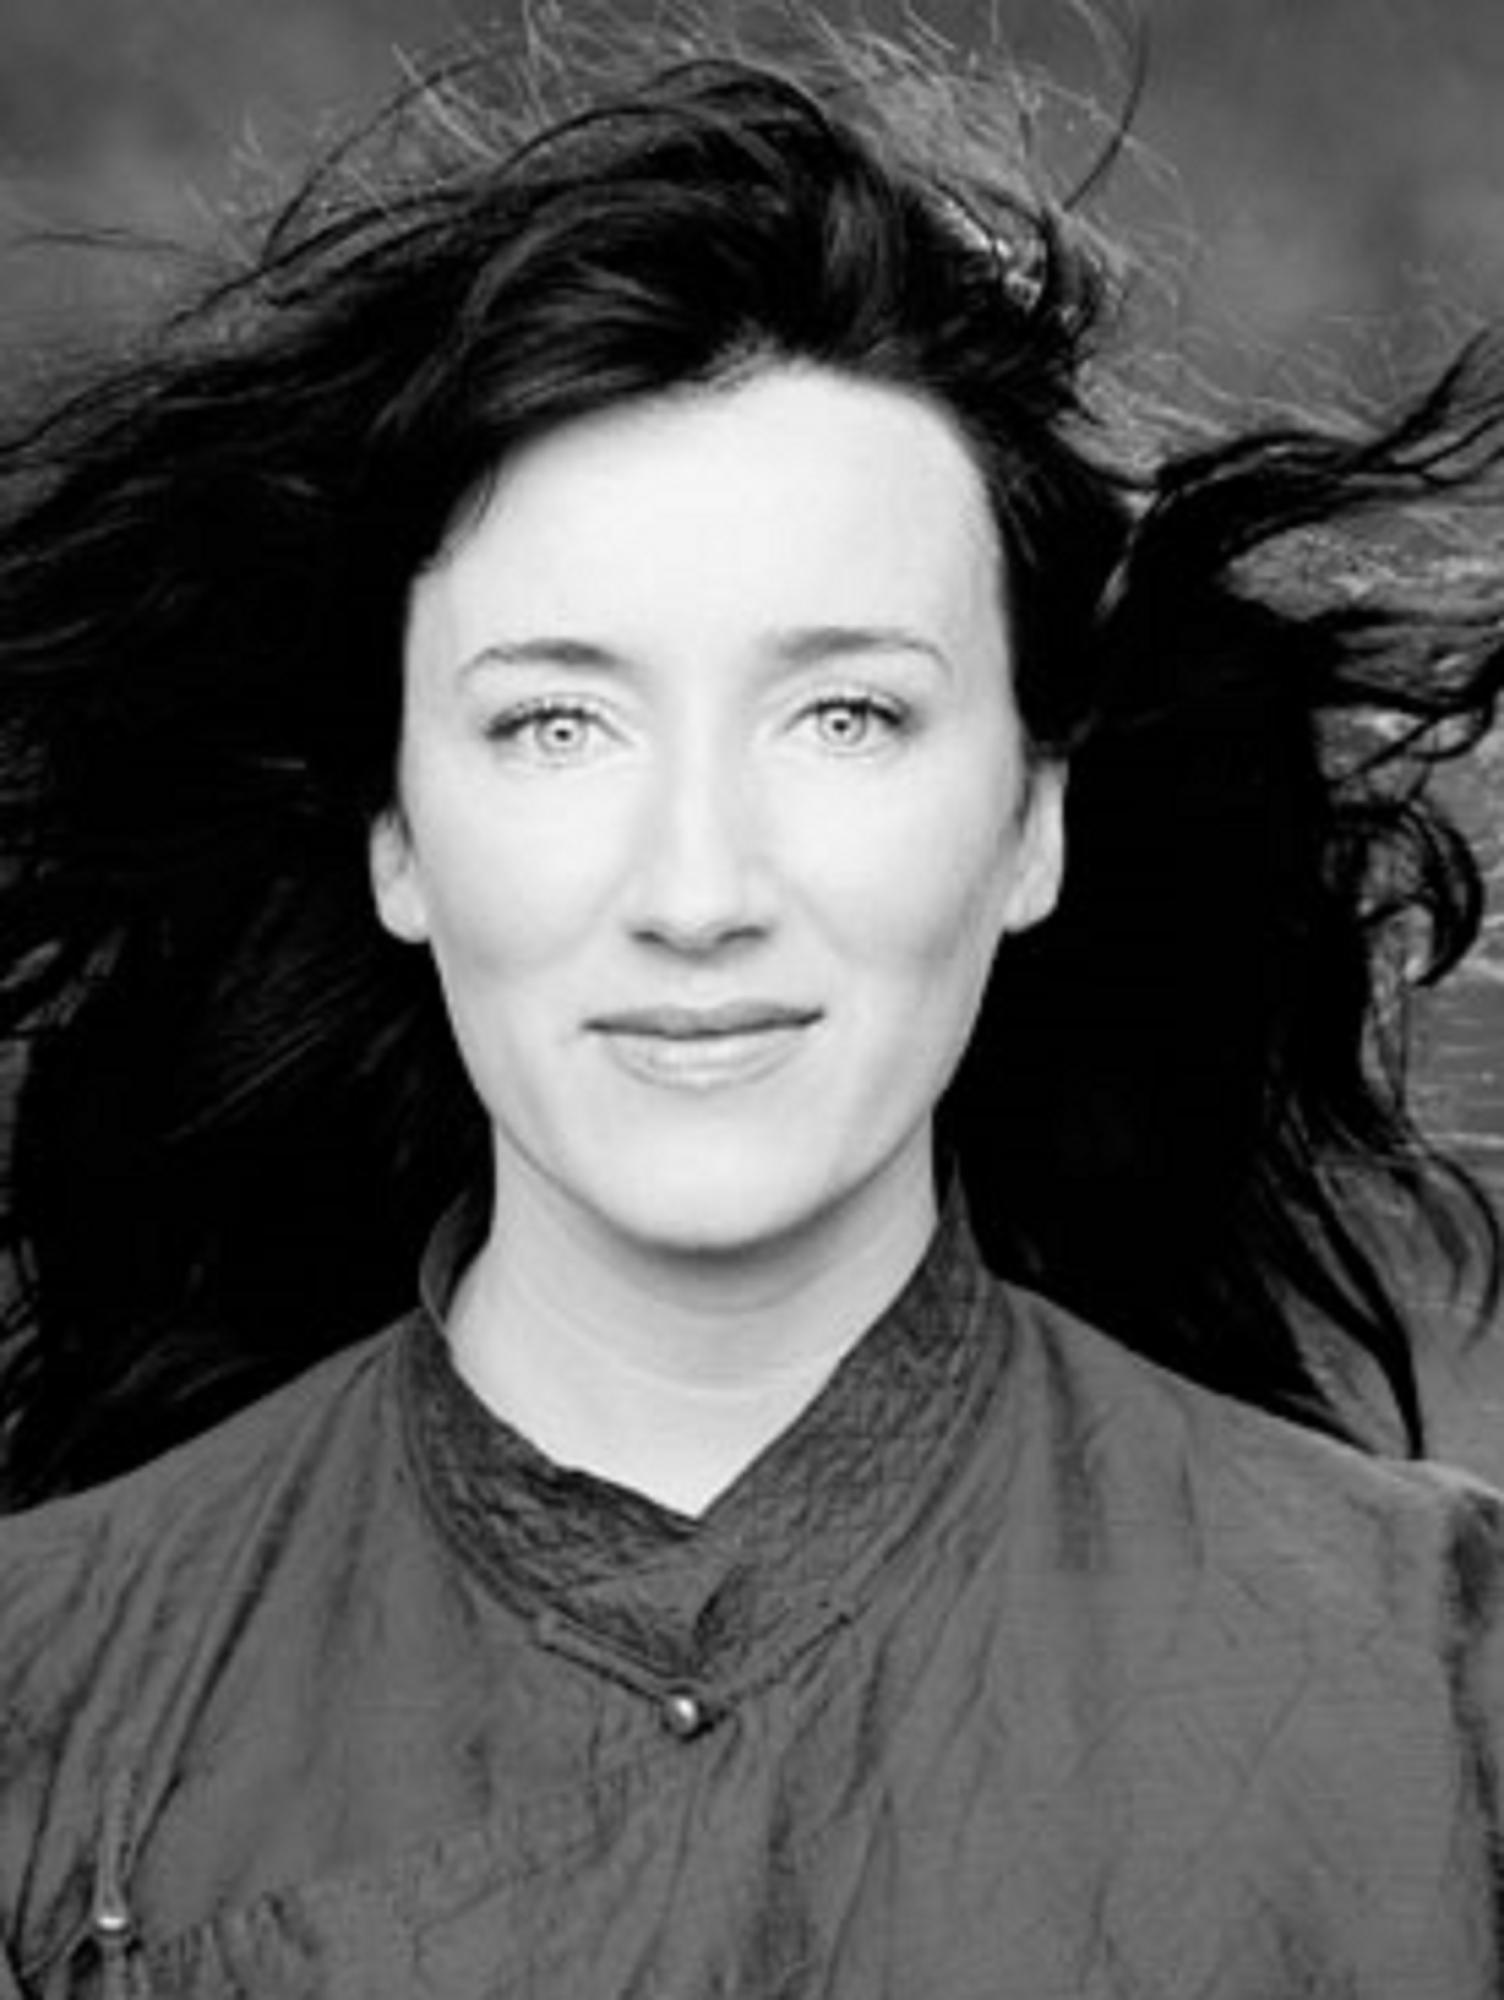 Laura Bertram,Alice Dixson (b. 1969) Adult pictures Amber Smith,Francine Beers